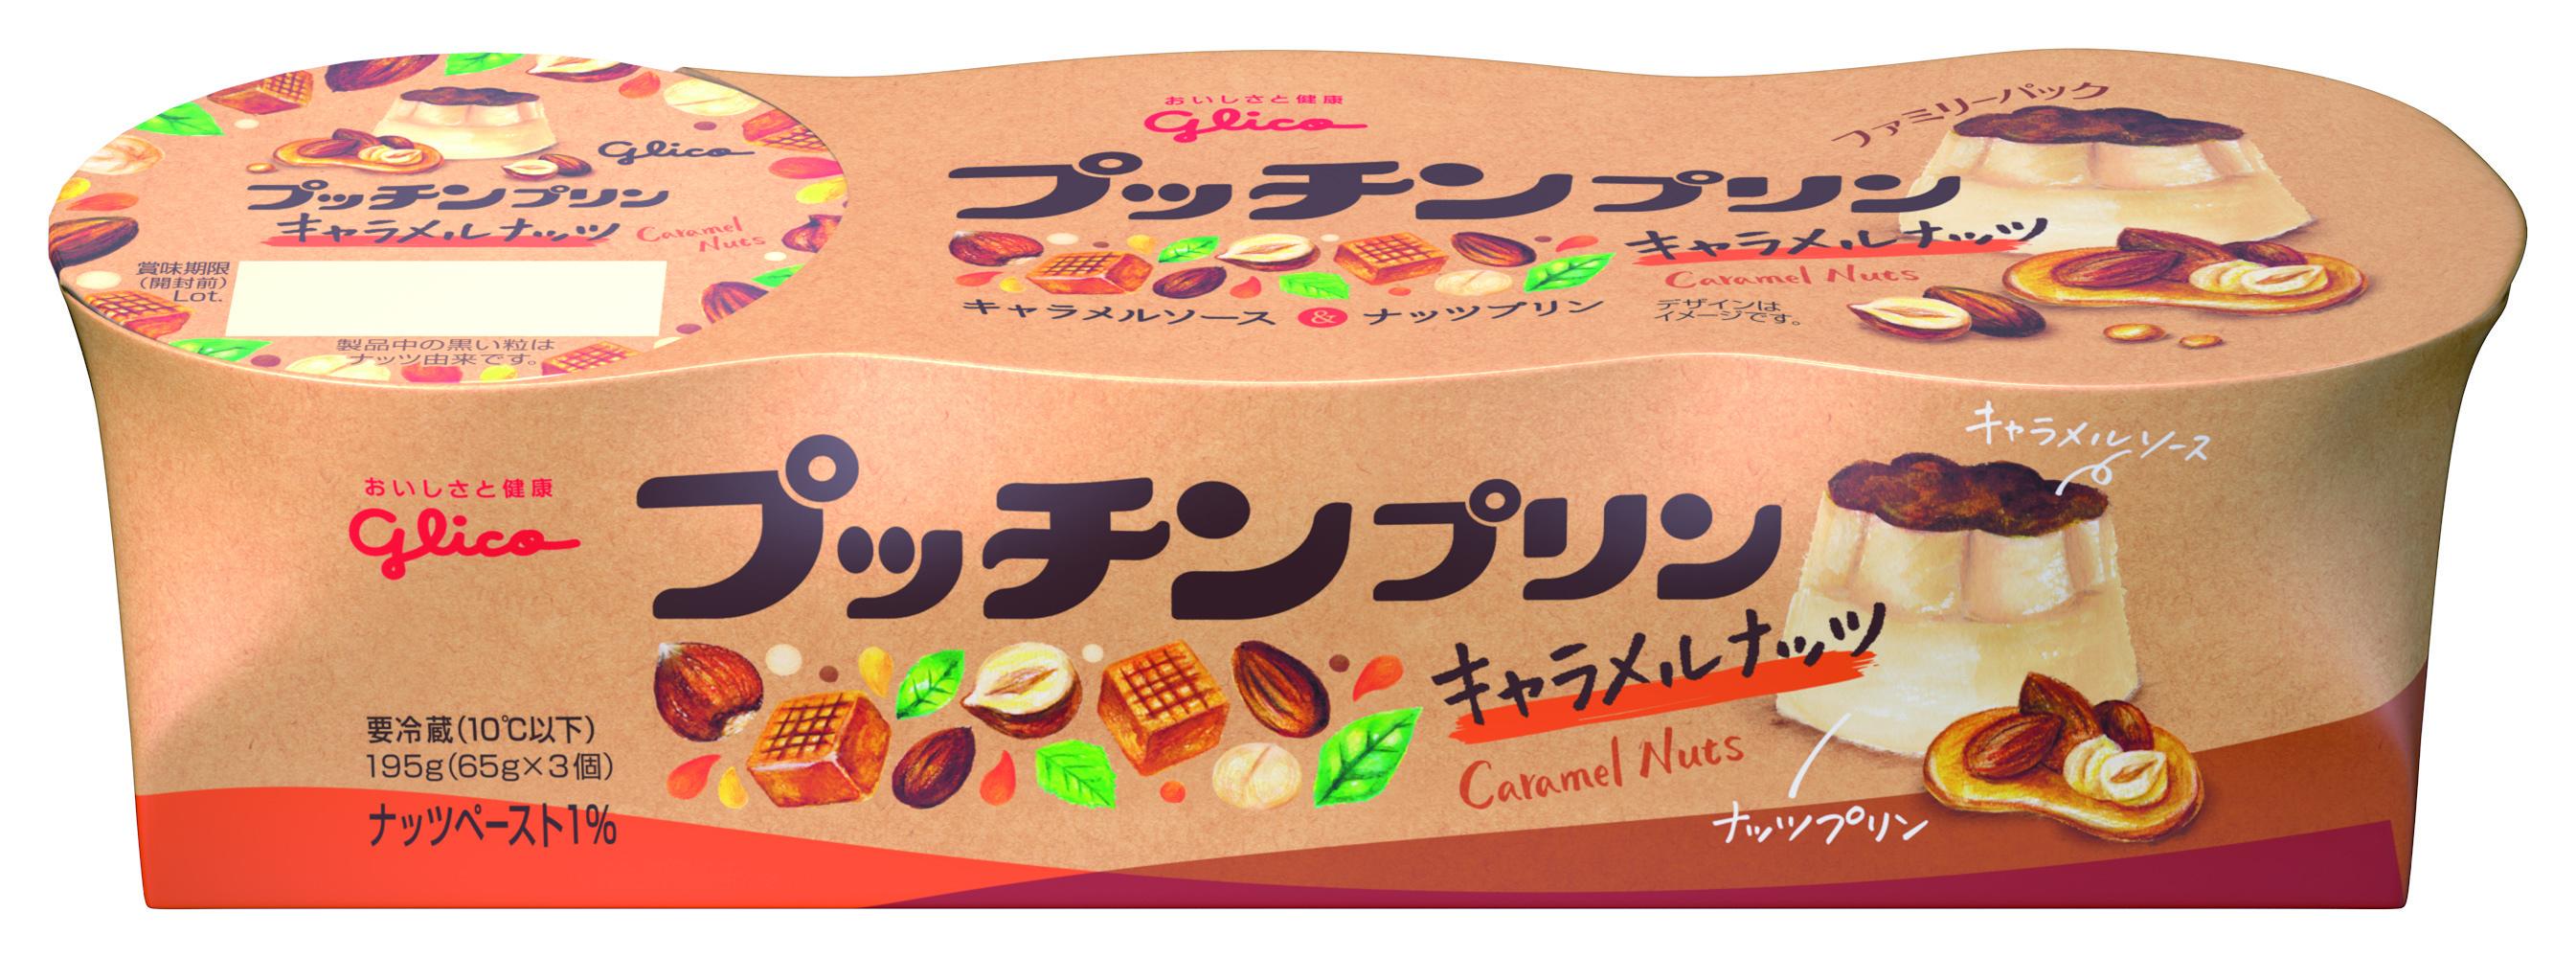 プッチンプリン <キャラメルナッツ> ファミリーパック